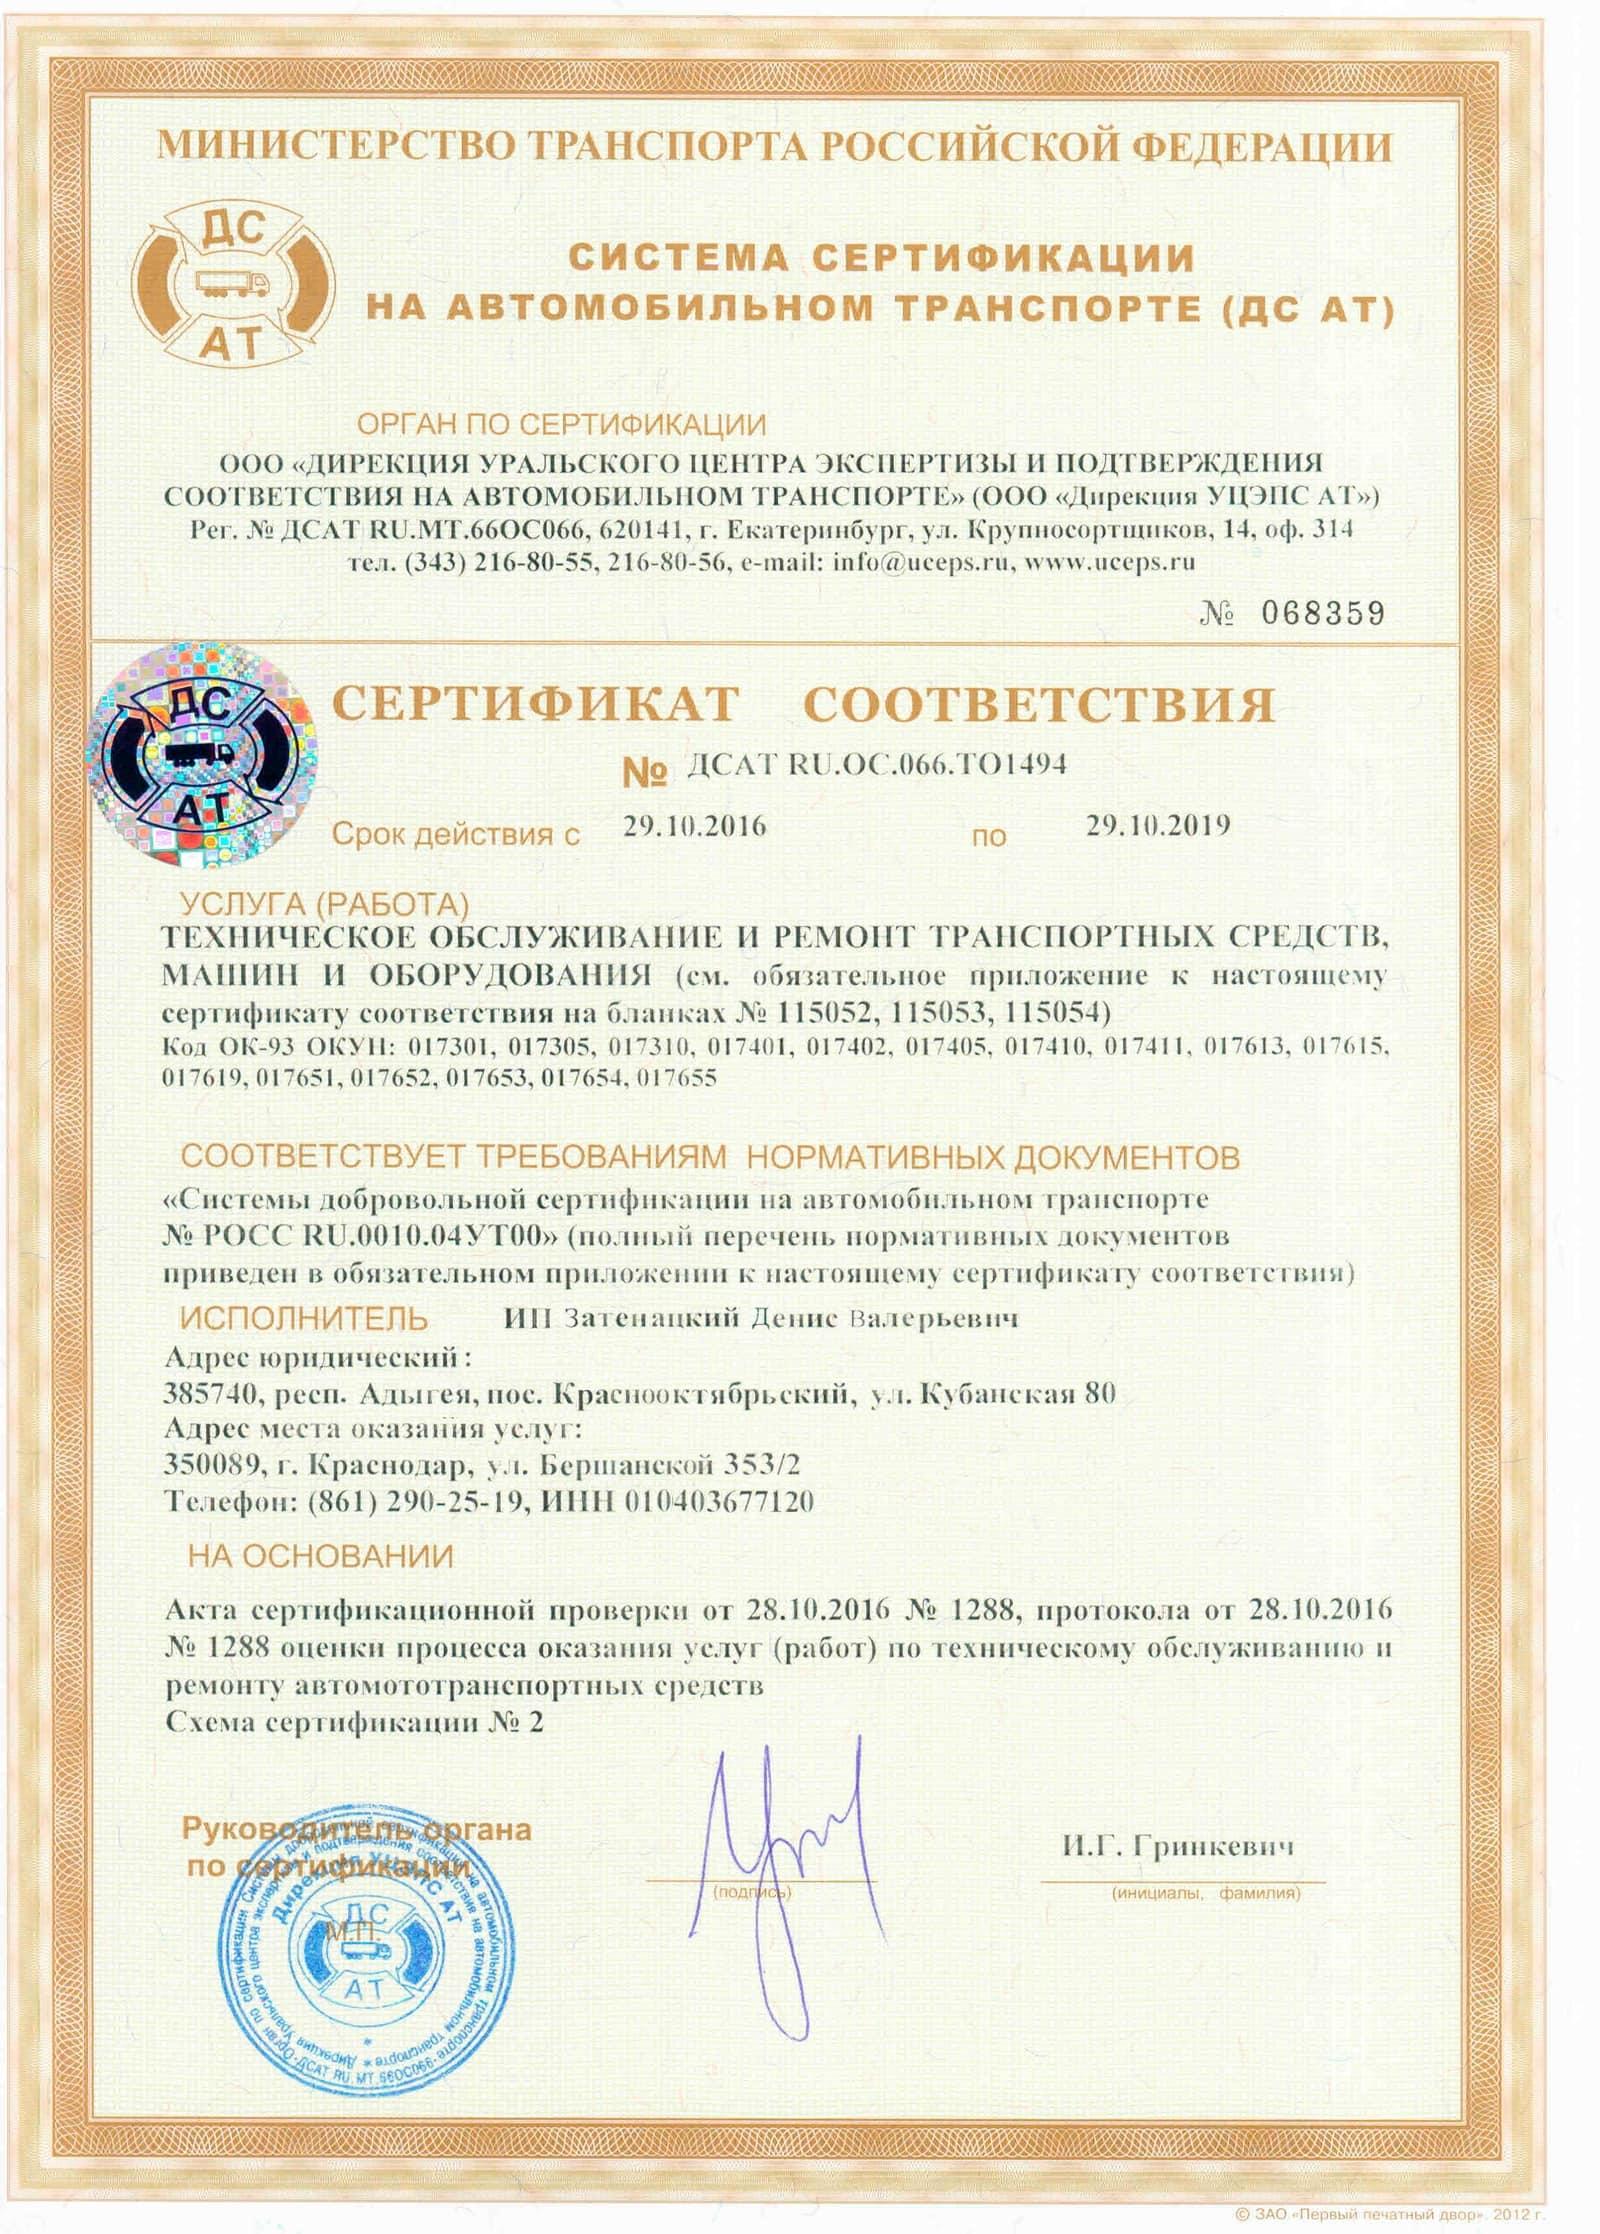 Схемы подтверждения соответствия добровольной сертификации